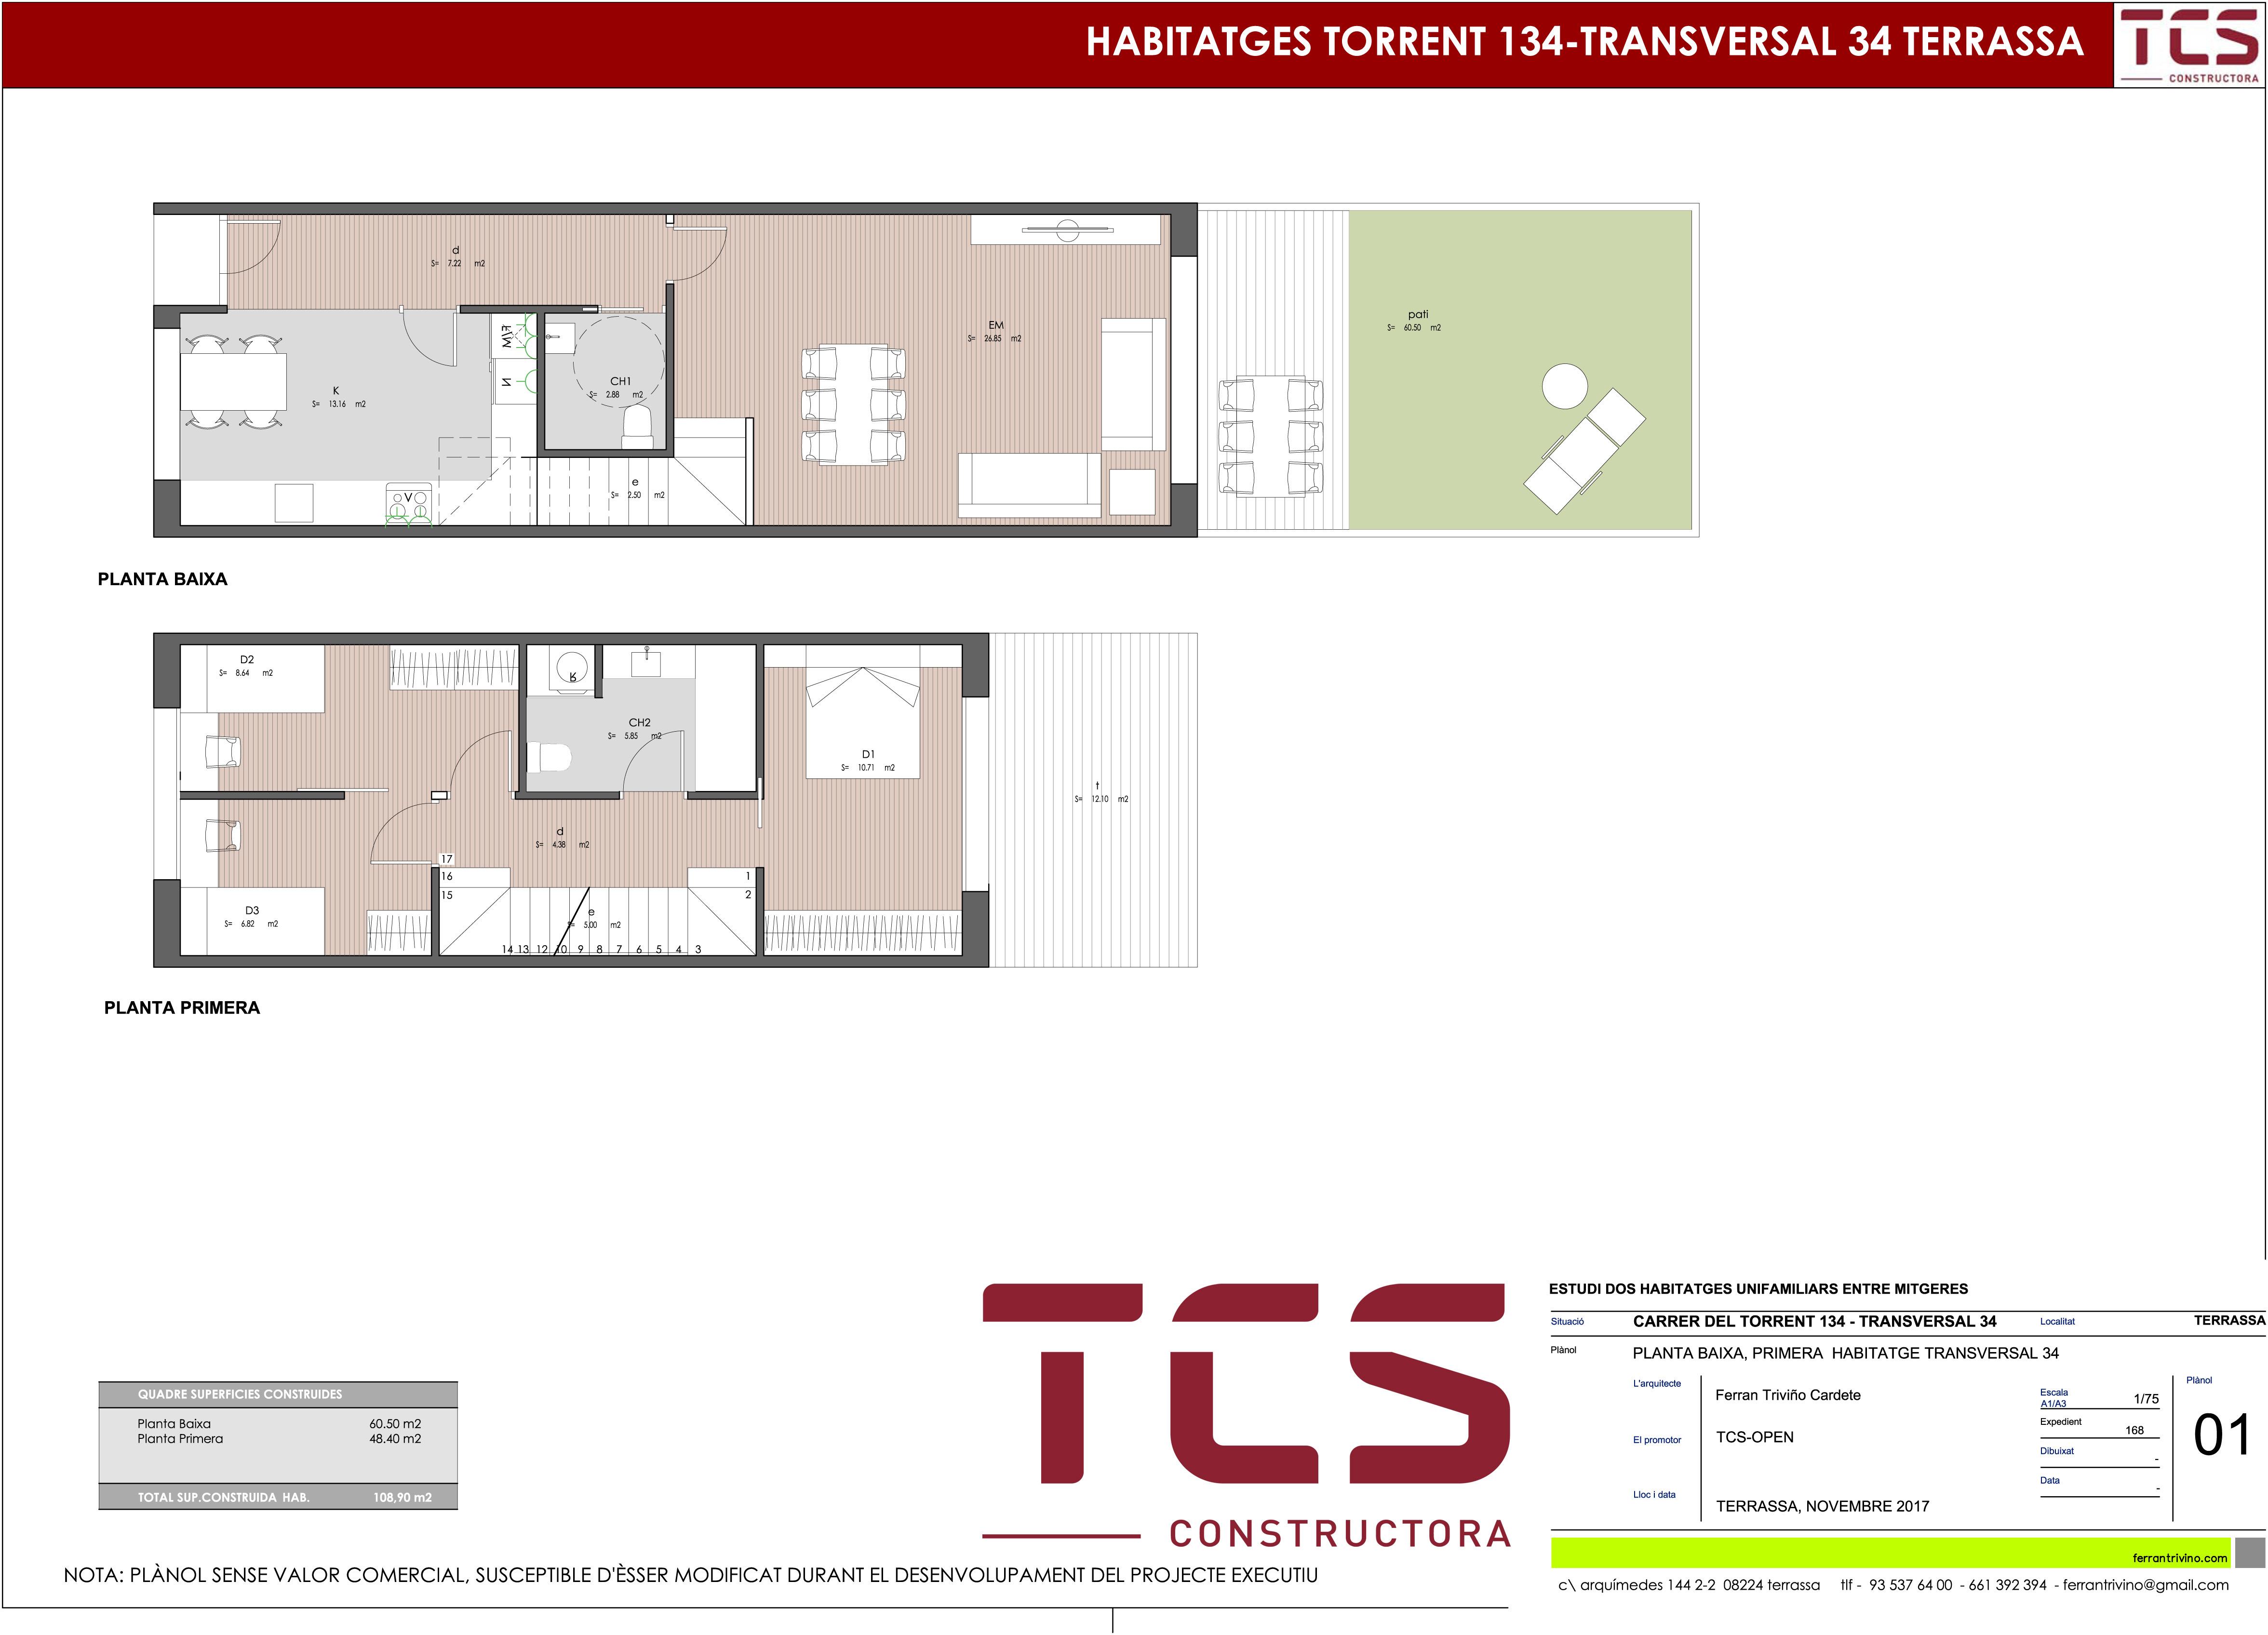 Casa de obra nueva a pere parres terrassa finques - Casas en terrassa ...